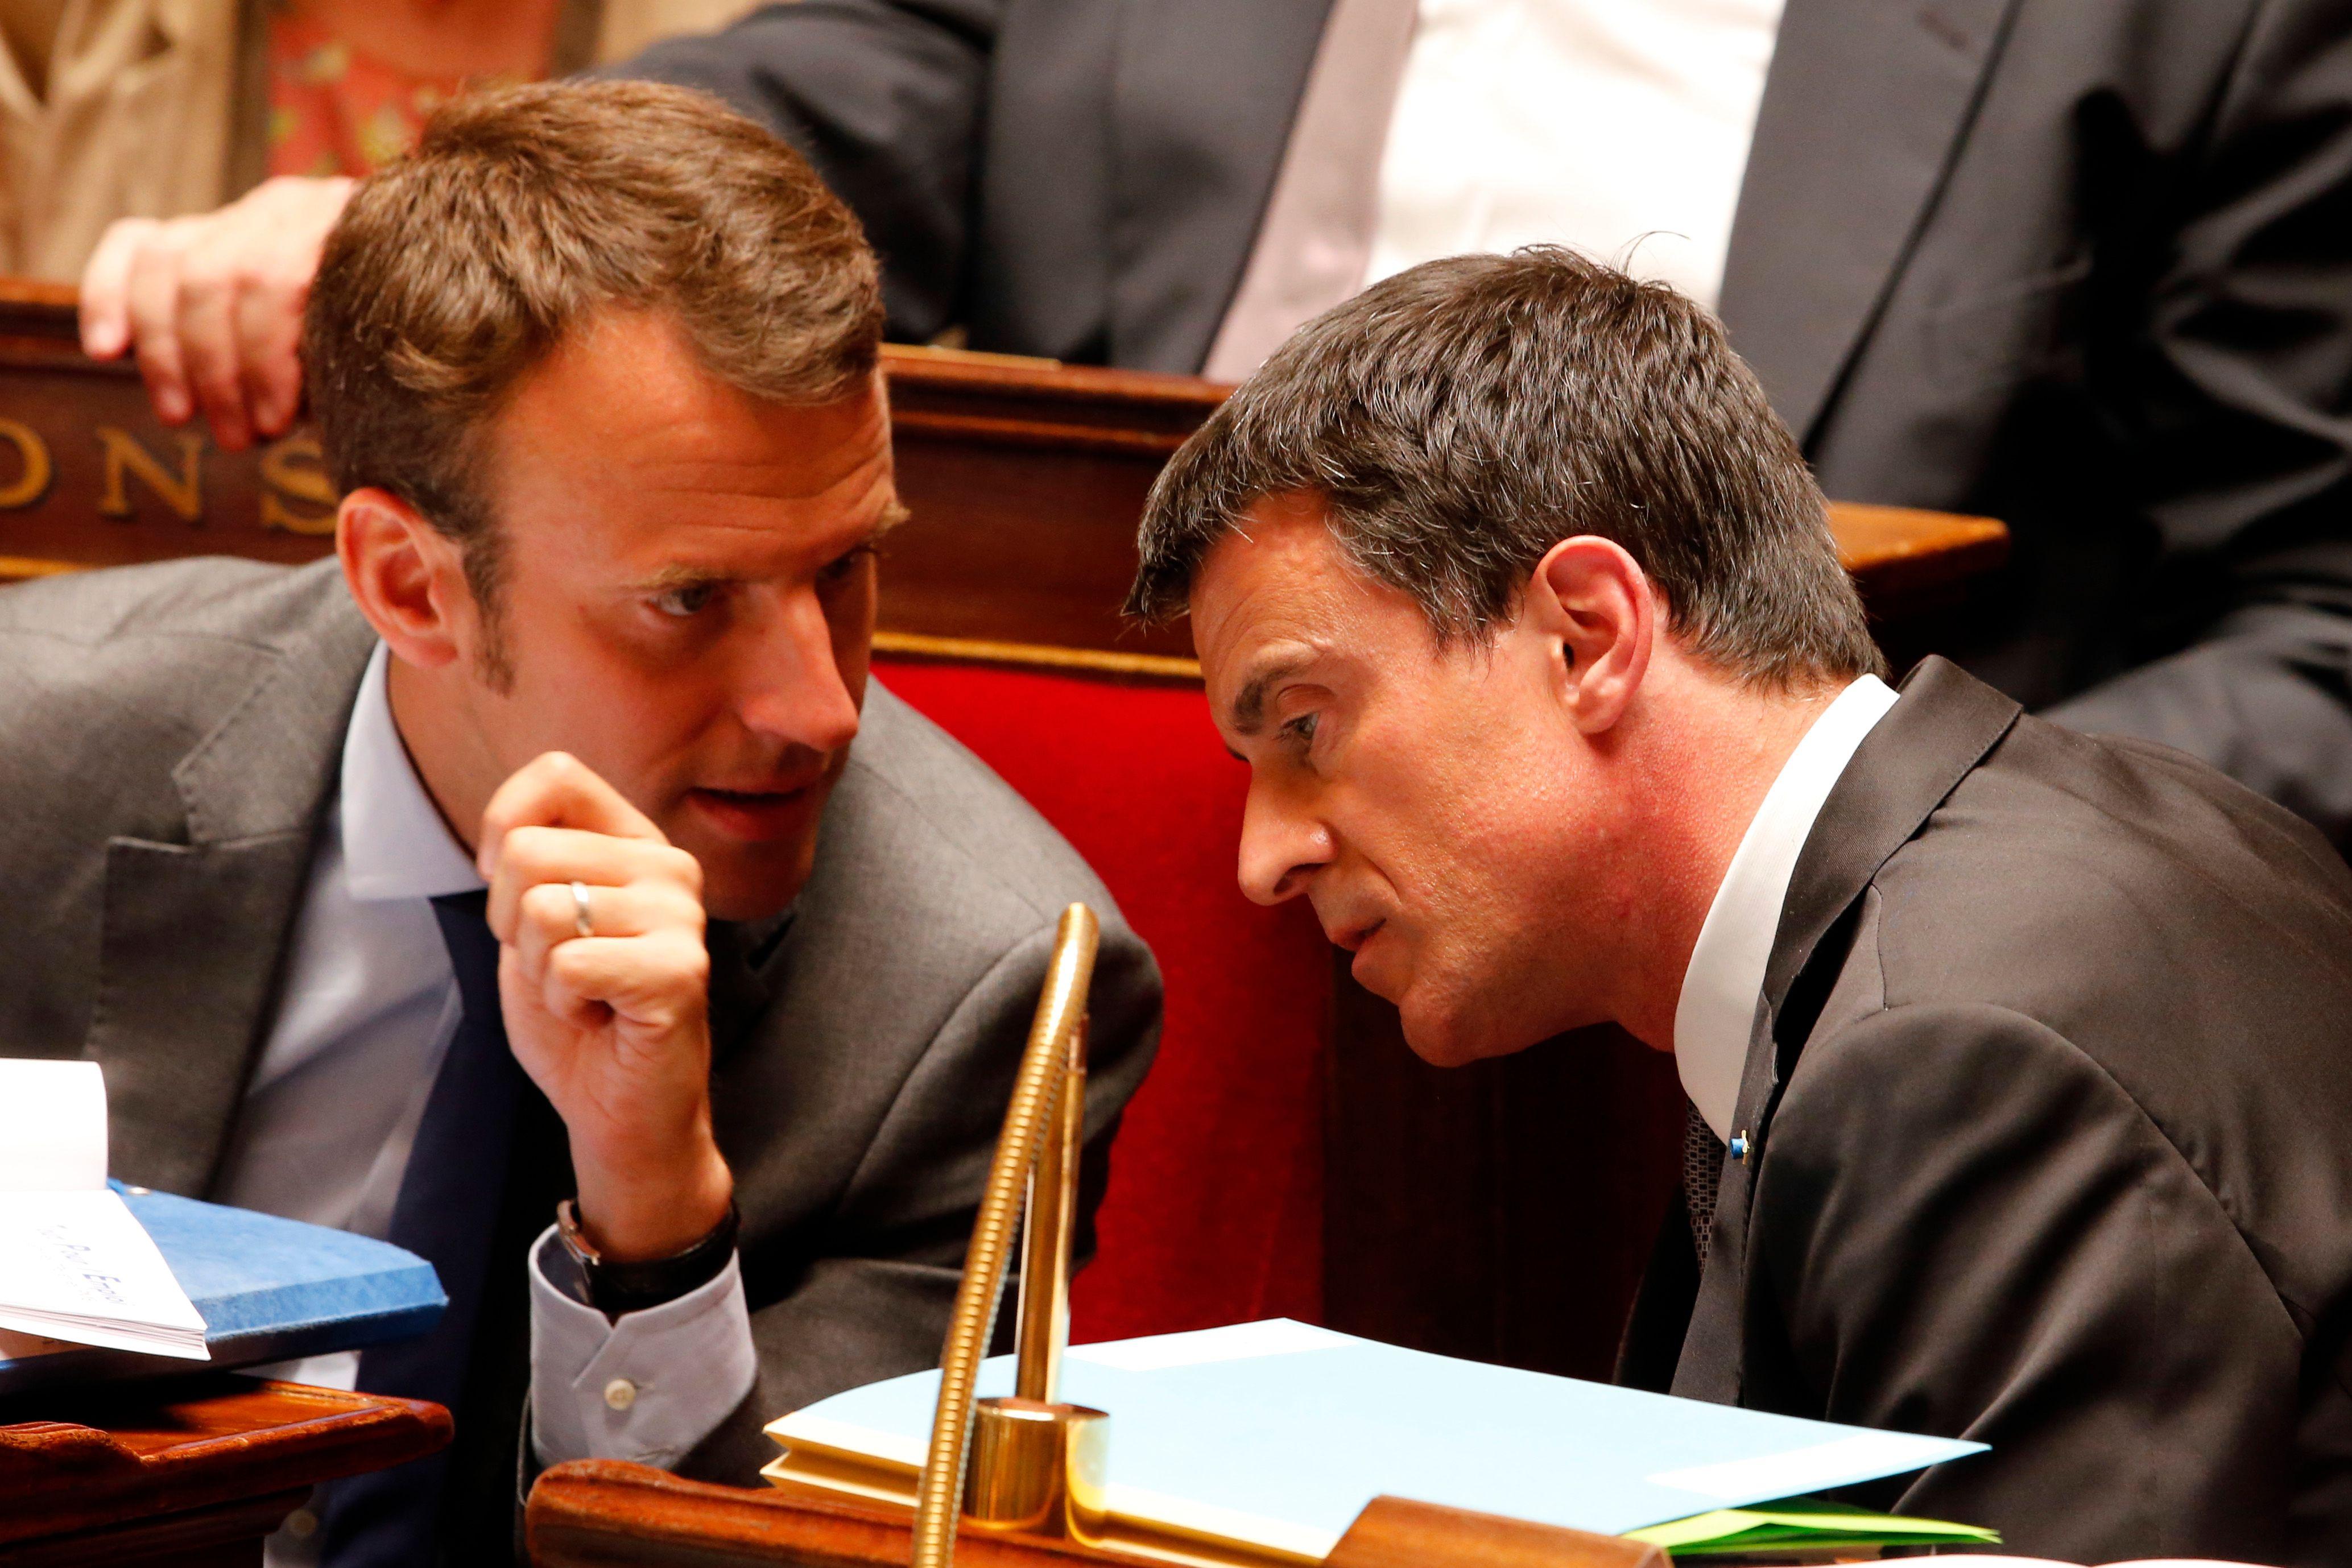 """""""La gauche, tu vois ce que ça veut dire, Macron?"""" : ce que révèle l'étrange procès en gauchologie de Valls au locataire de Bercy"""